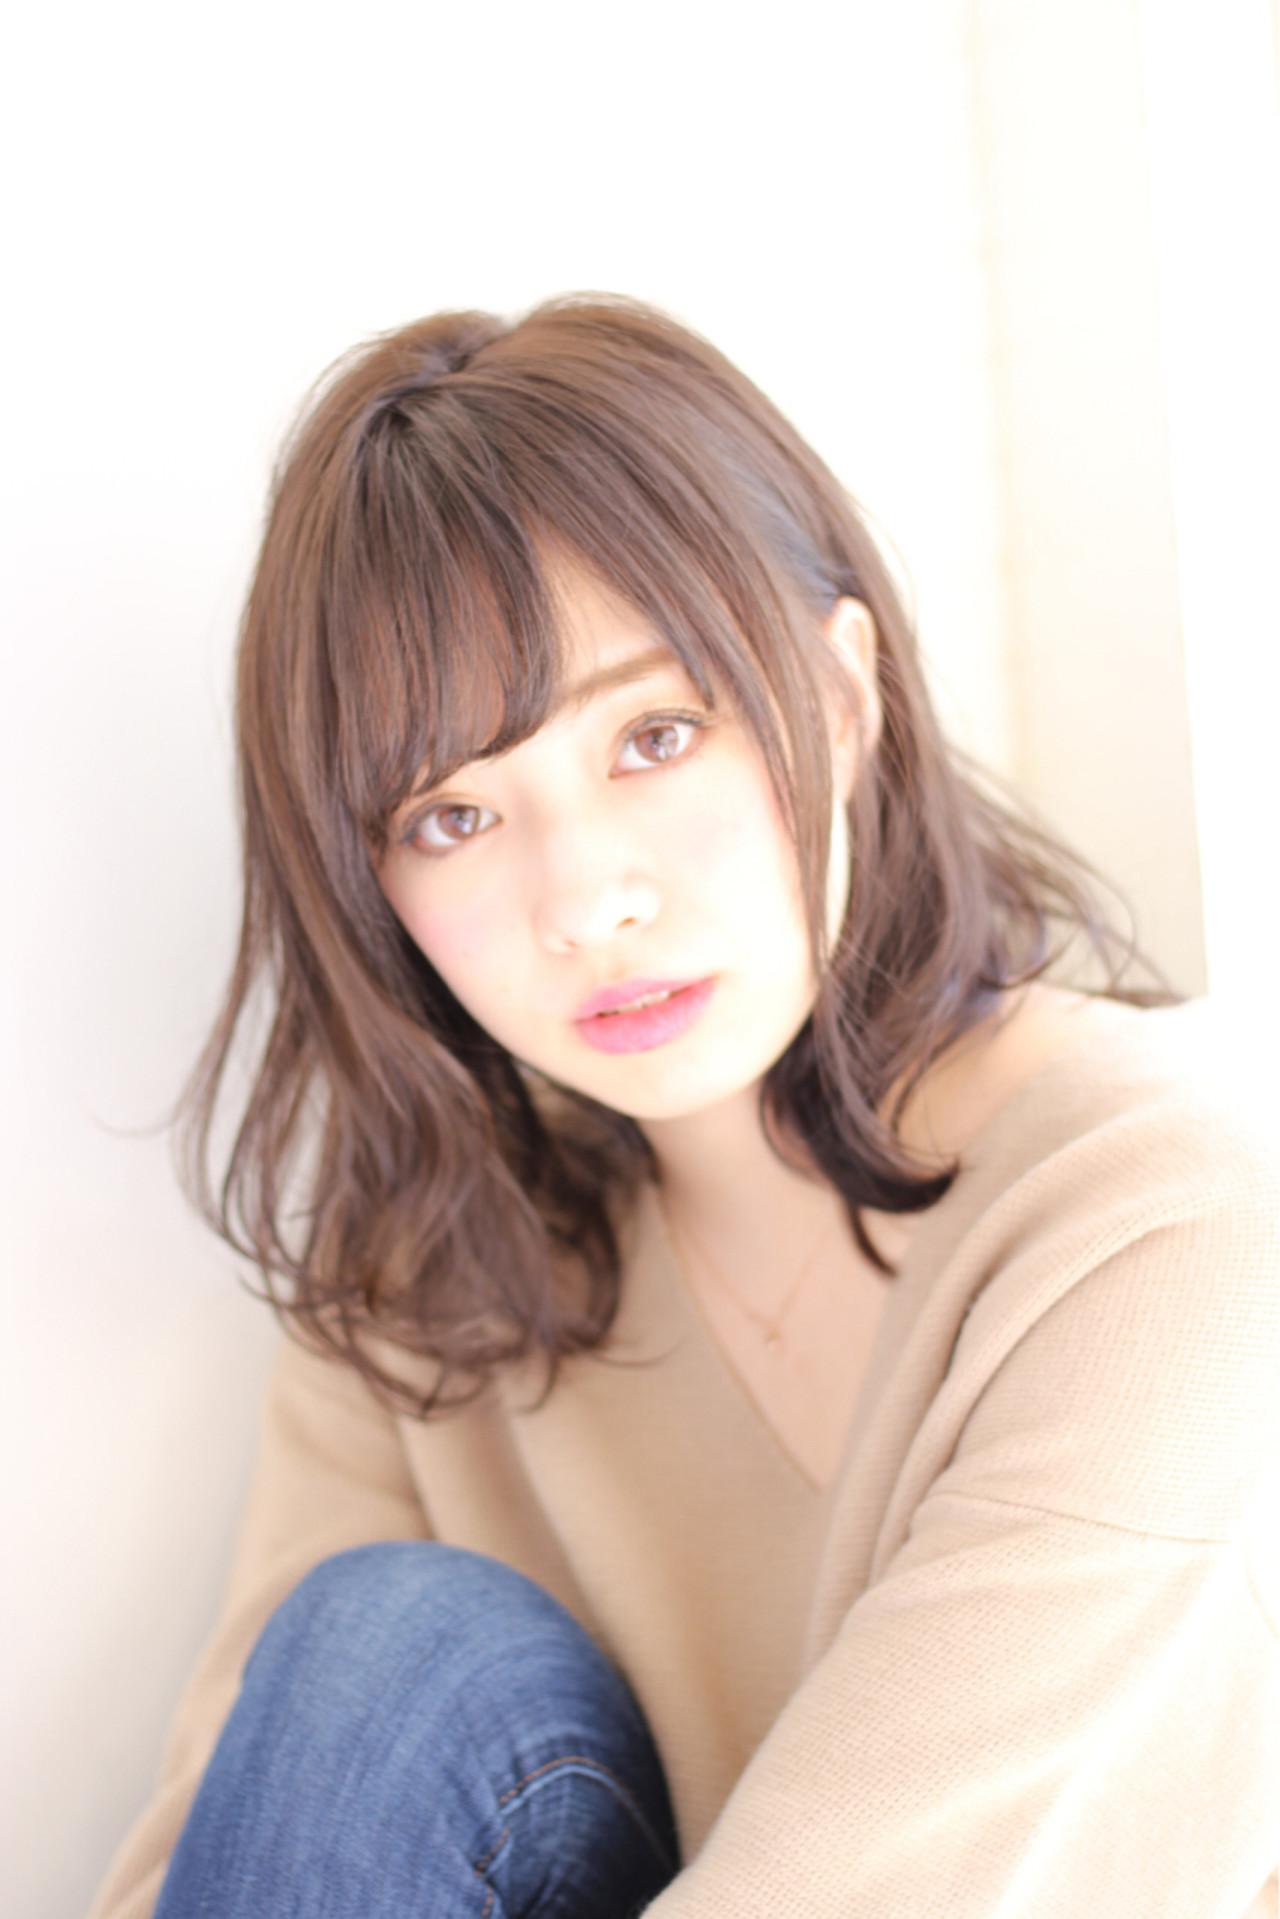 ミディアム フェミニン 色気 デジタルパーマ ヘアスタイルや髪型の写真・画像